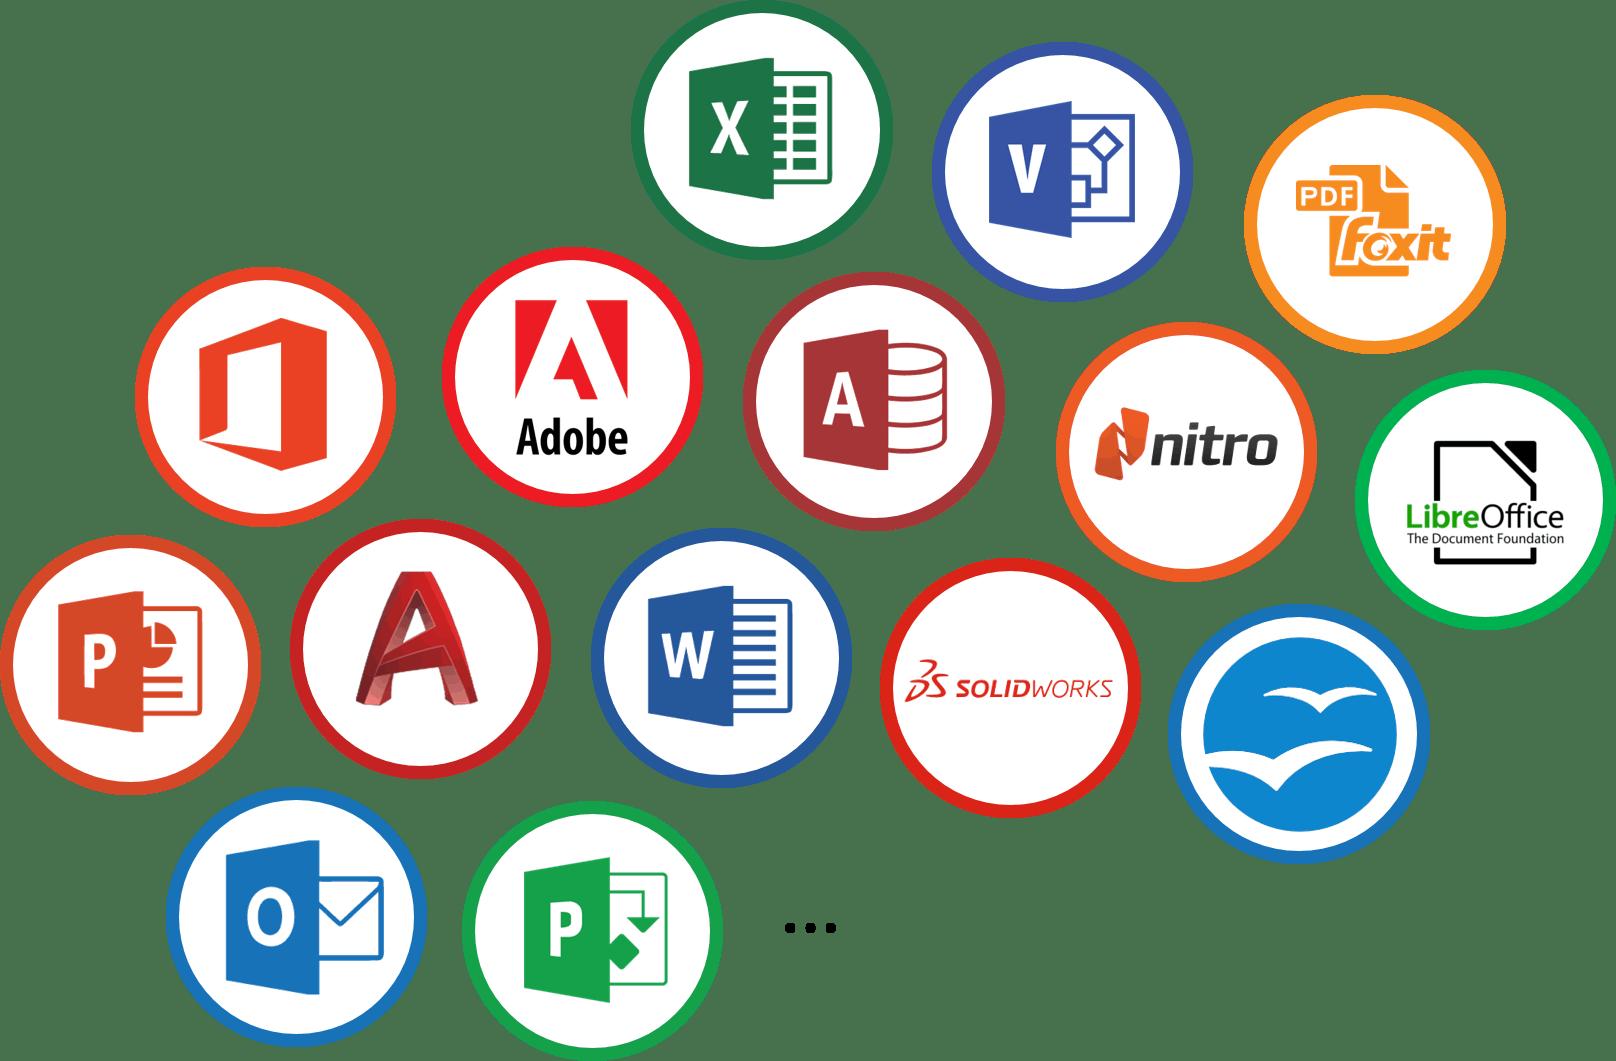 mantenimiento informatico visitas mensuales